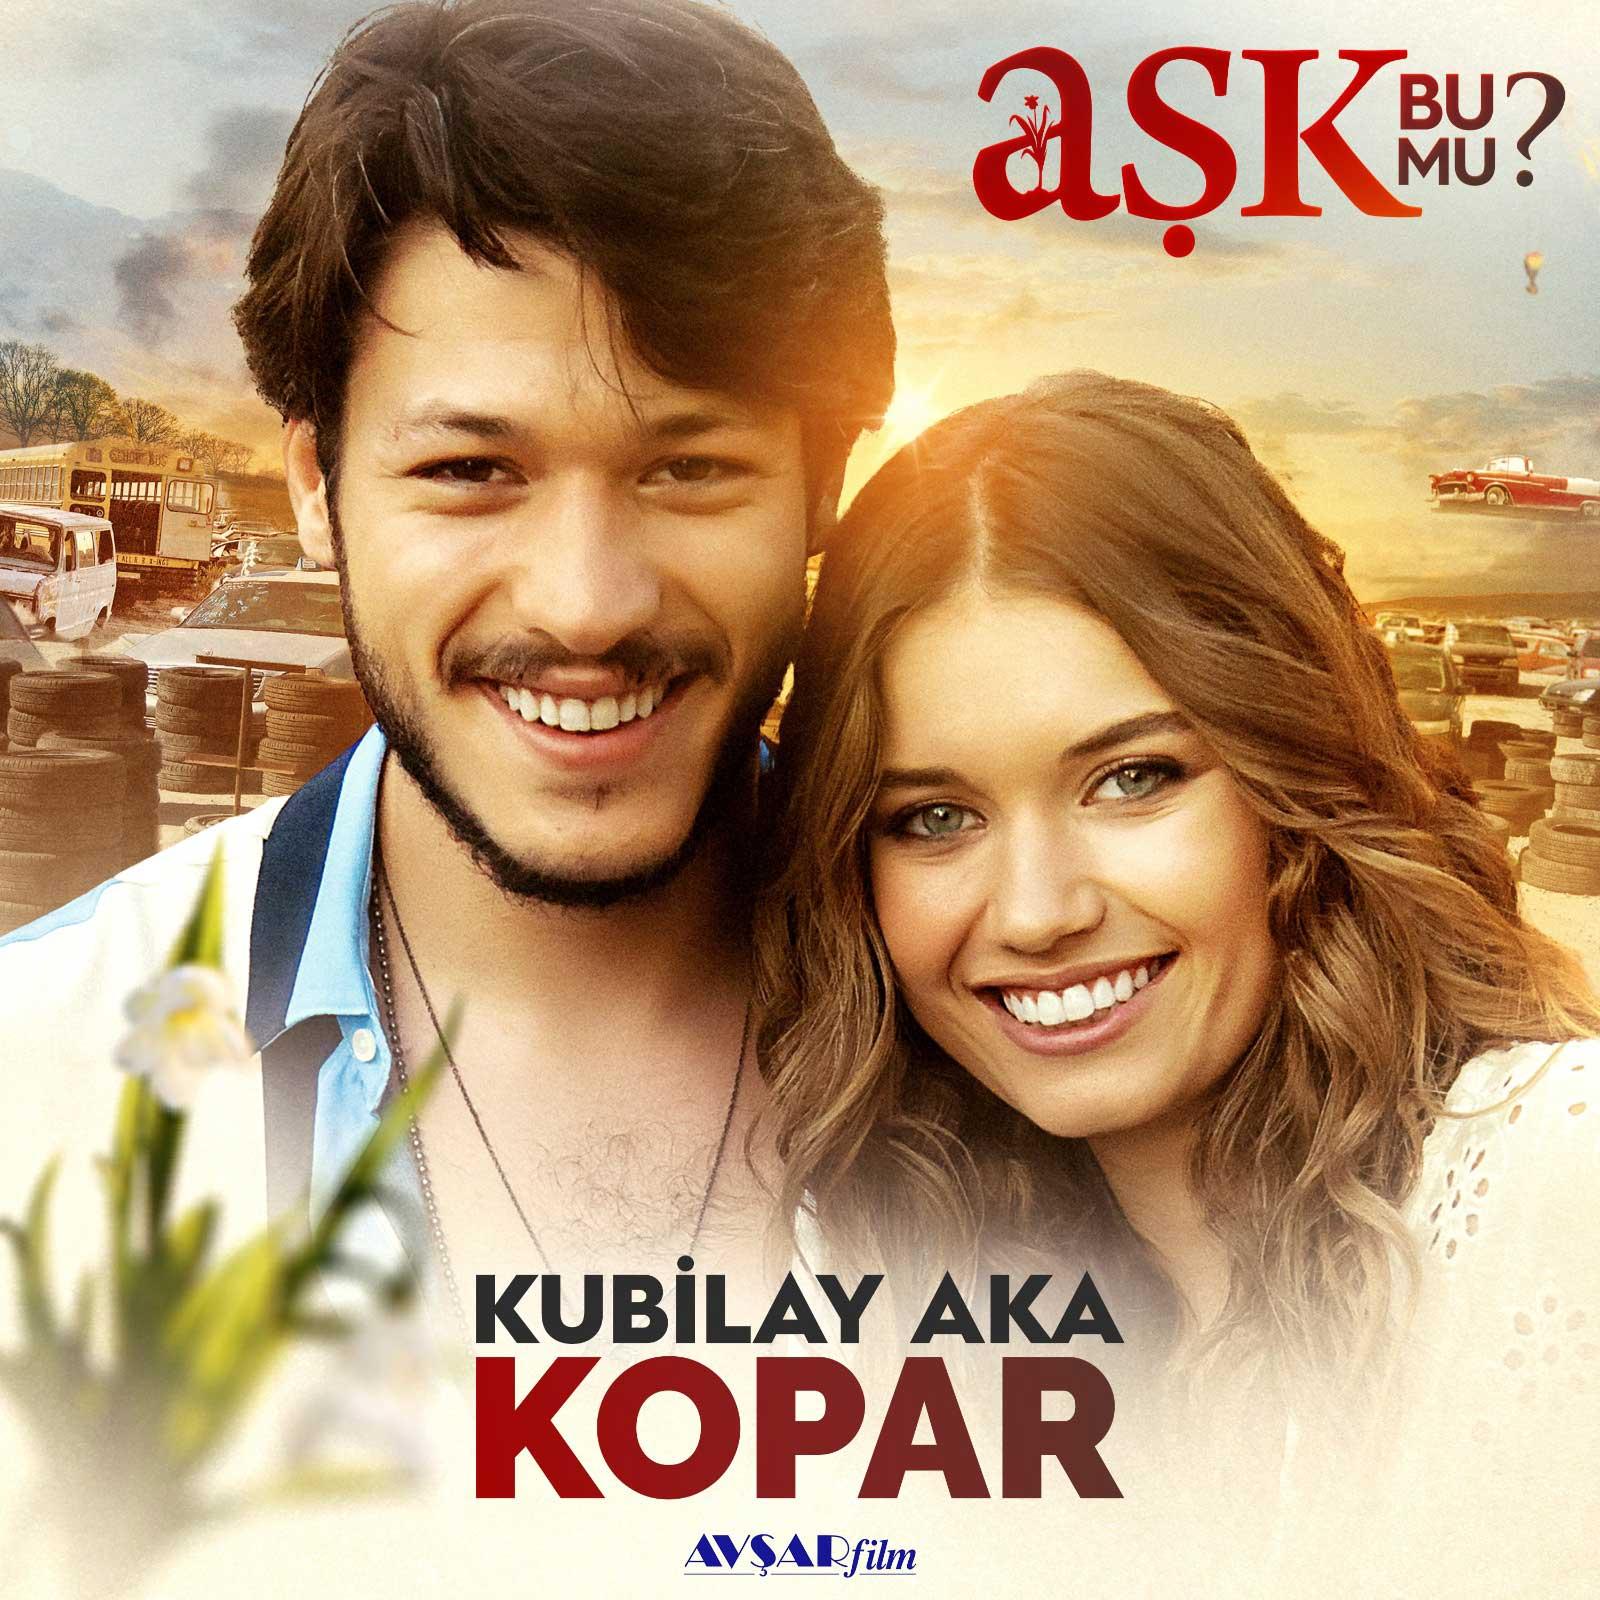 Kubilay Aka - Kopar (Aşk Bu Mu? Orijinal Film Müziği)